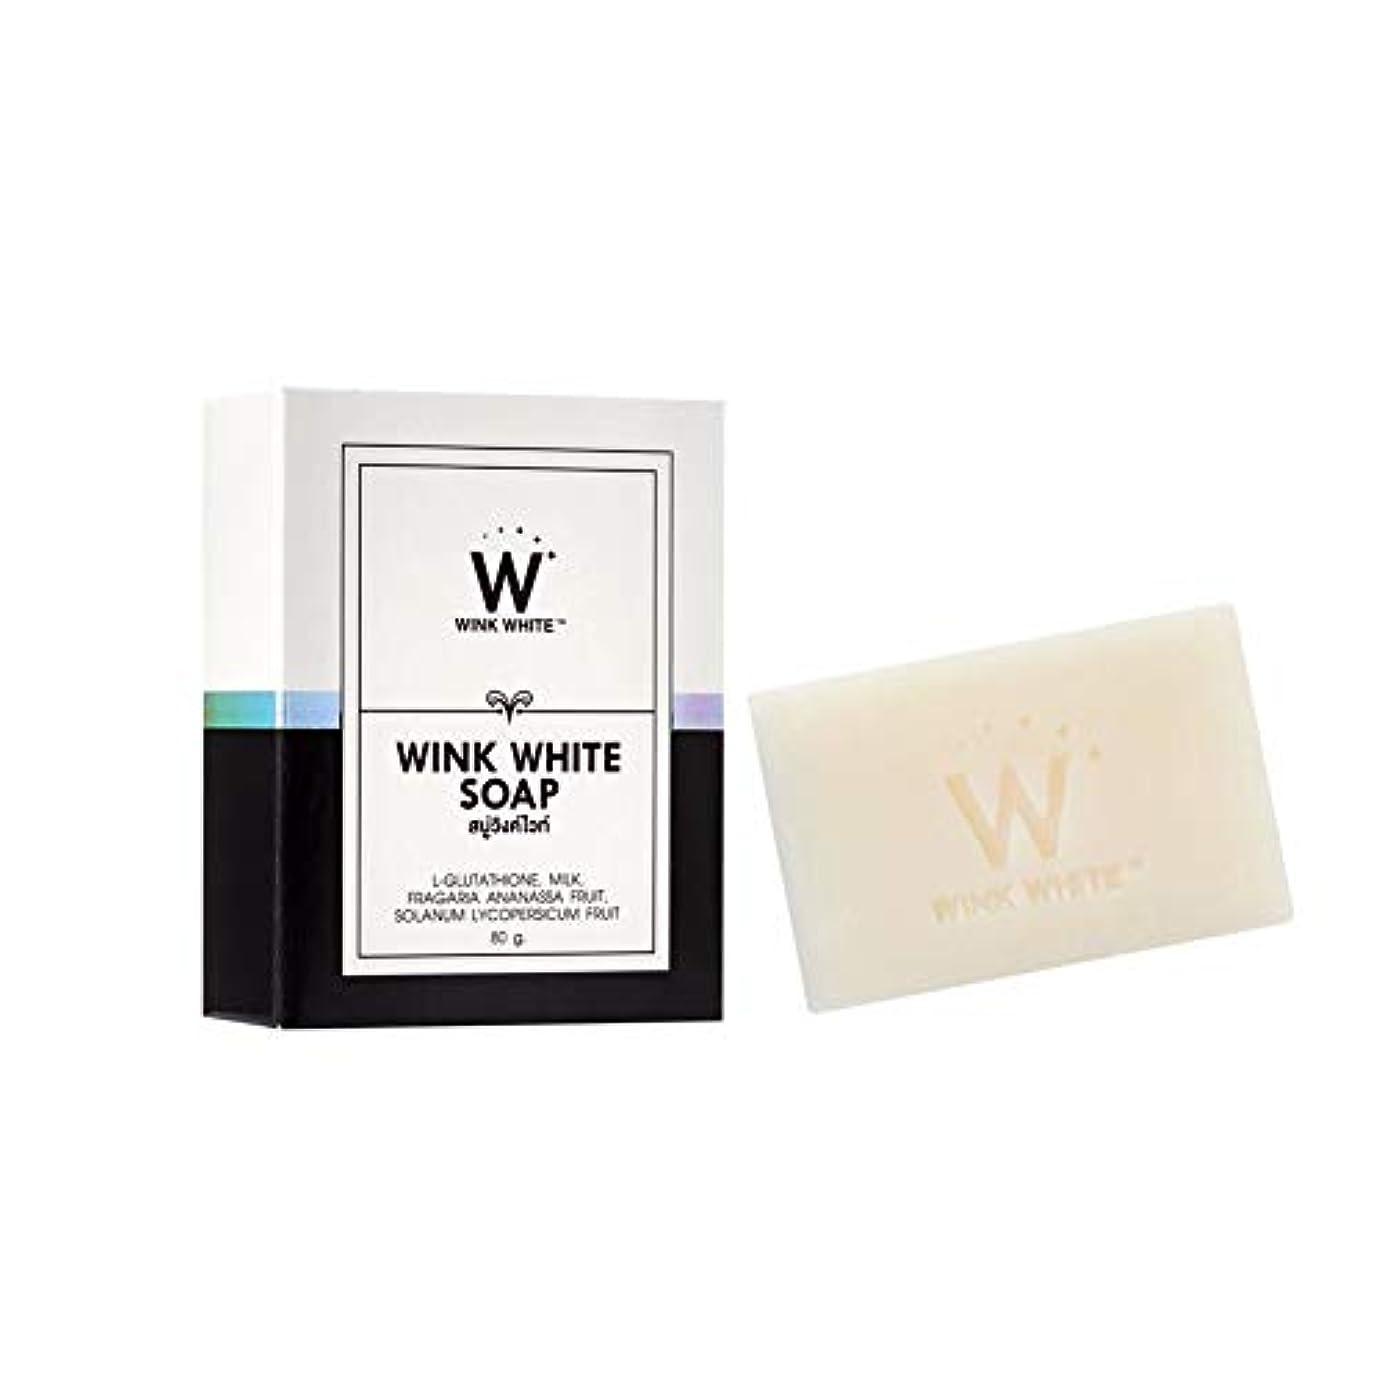 圧倒的アナログせっかちSoap Net Nature White Soap Base Wink White Soap Gluta Pure Skin Body Whitening Strawberry for Whitening Skin All...